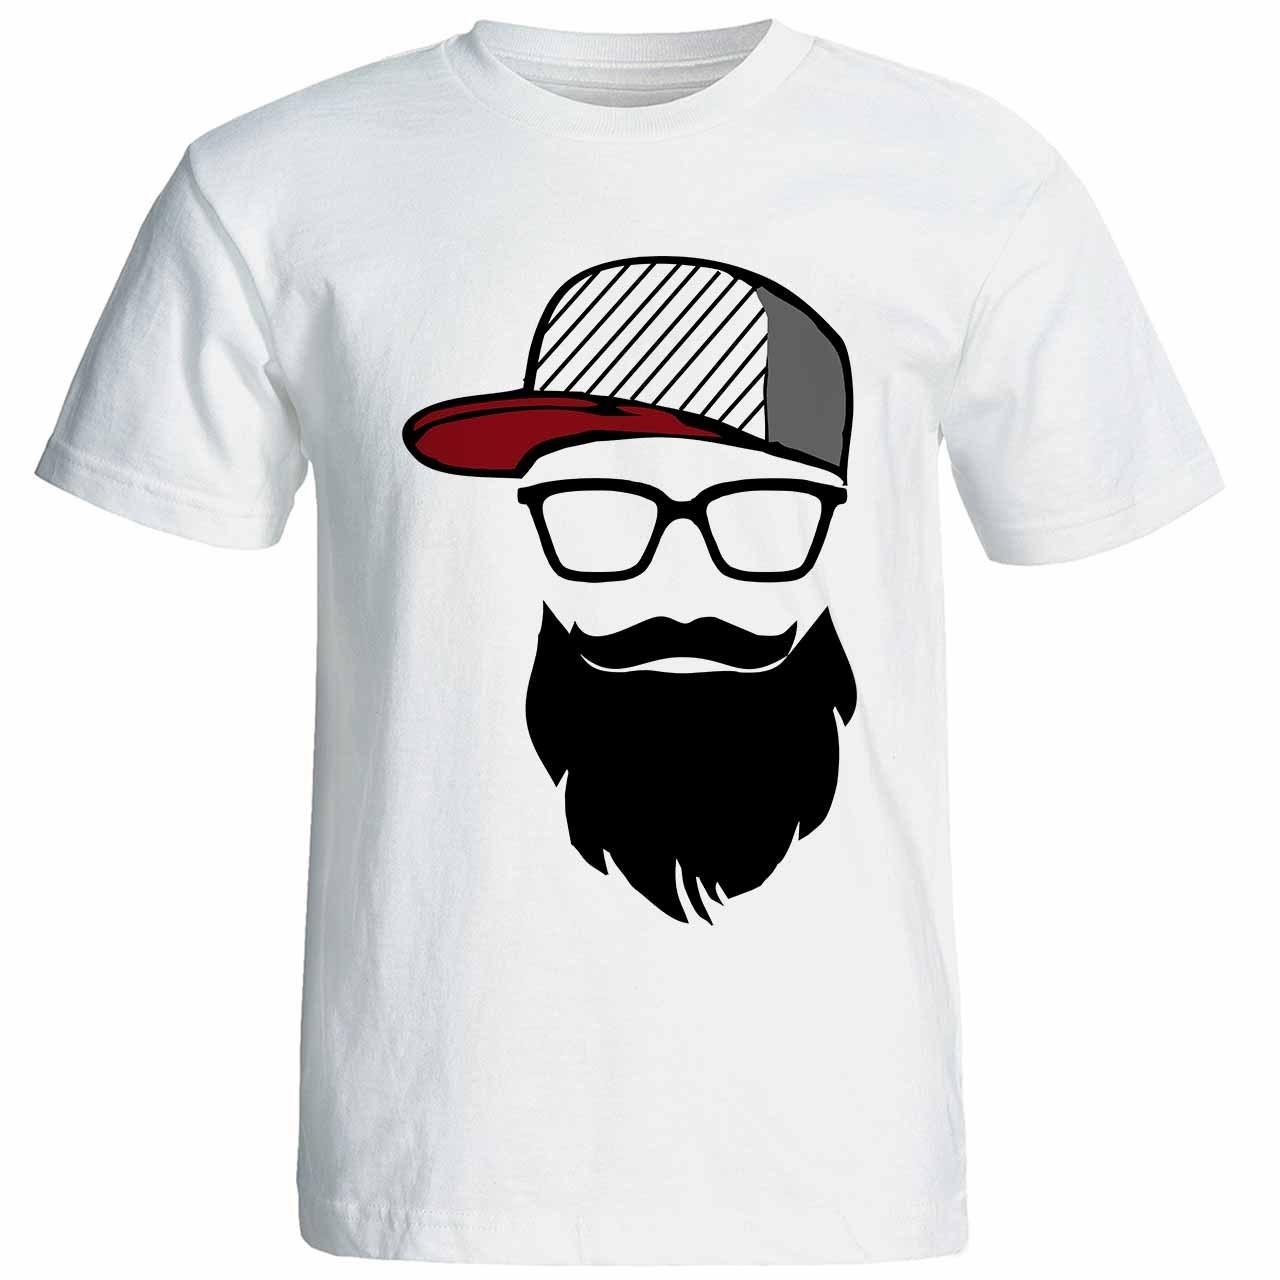 تی شرت آستین کوتاه نوین نقش طرح 793